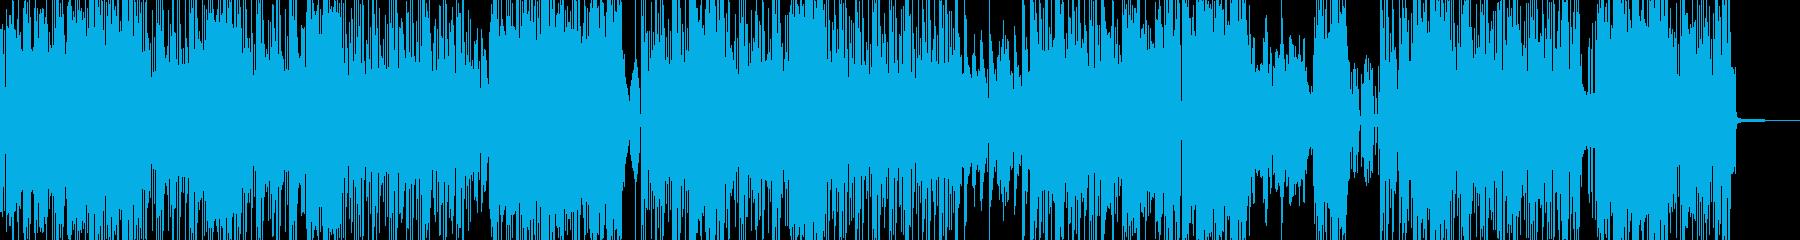 高揚感・ギャグ・バラエティポップ Aの再生済みの波形